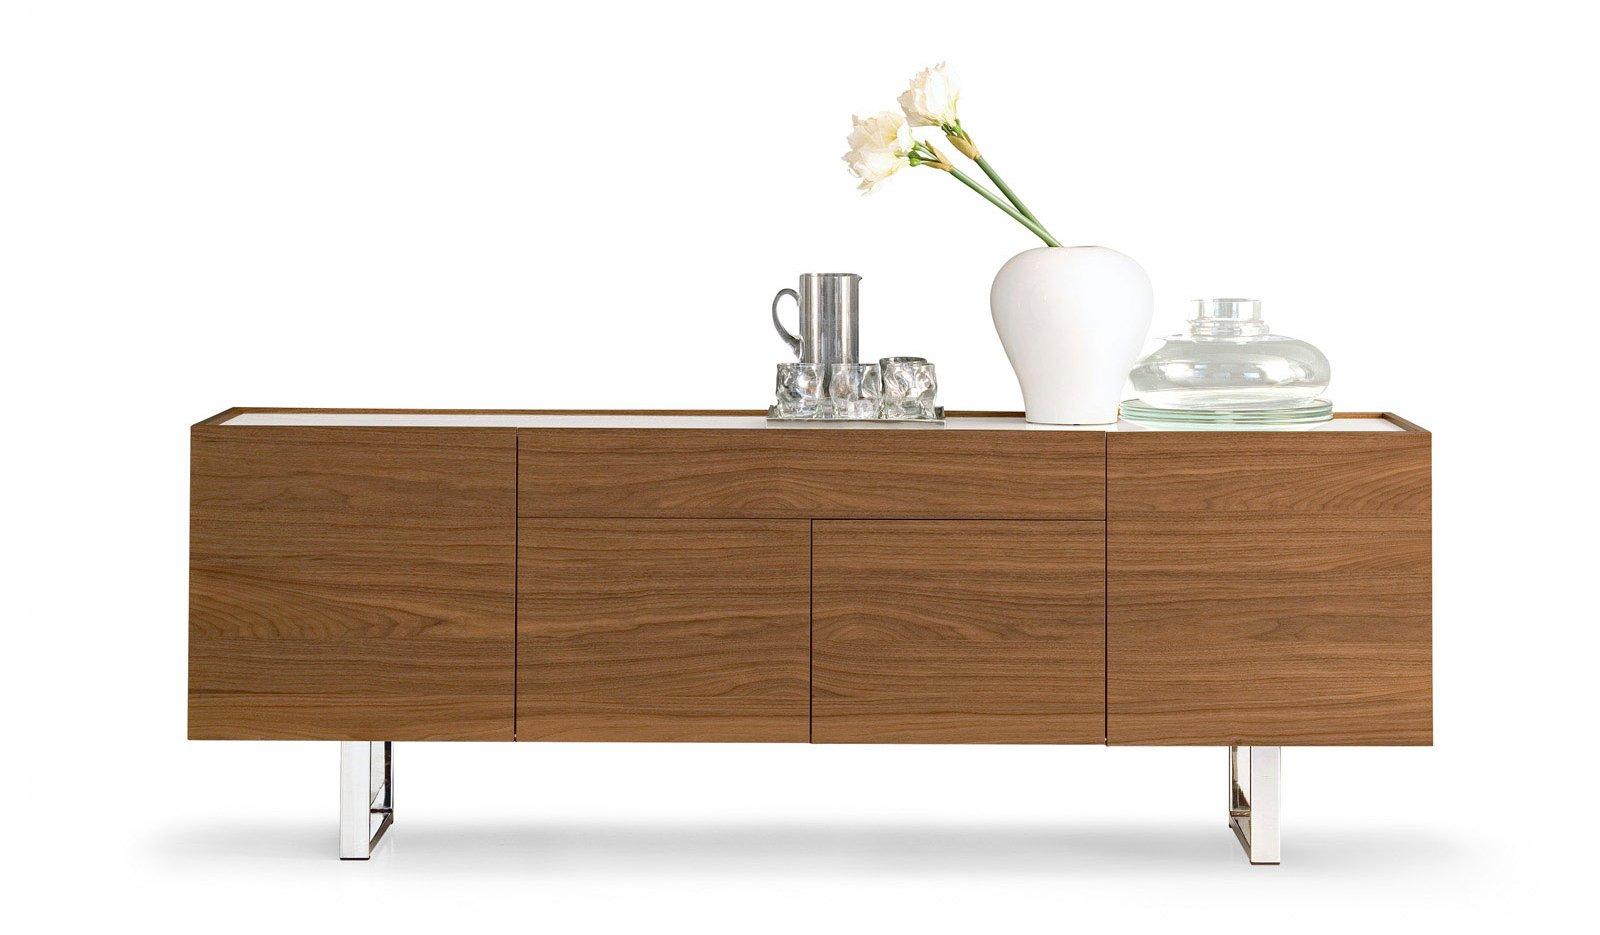 Credenza A Muro Ikea : Mobili ikea salotto decorazioni per la casa salvarlaile